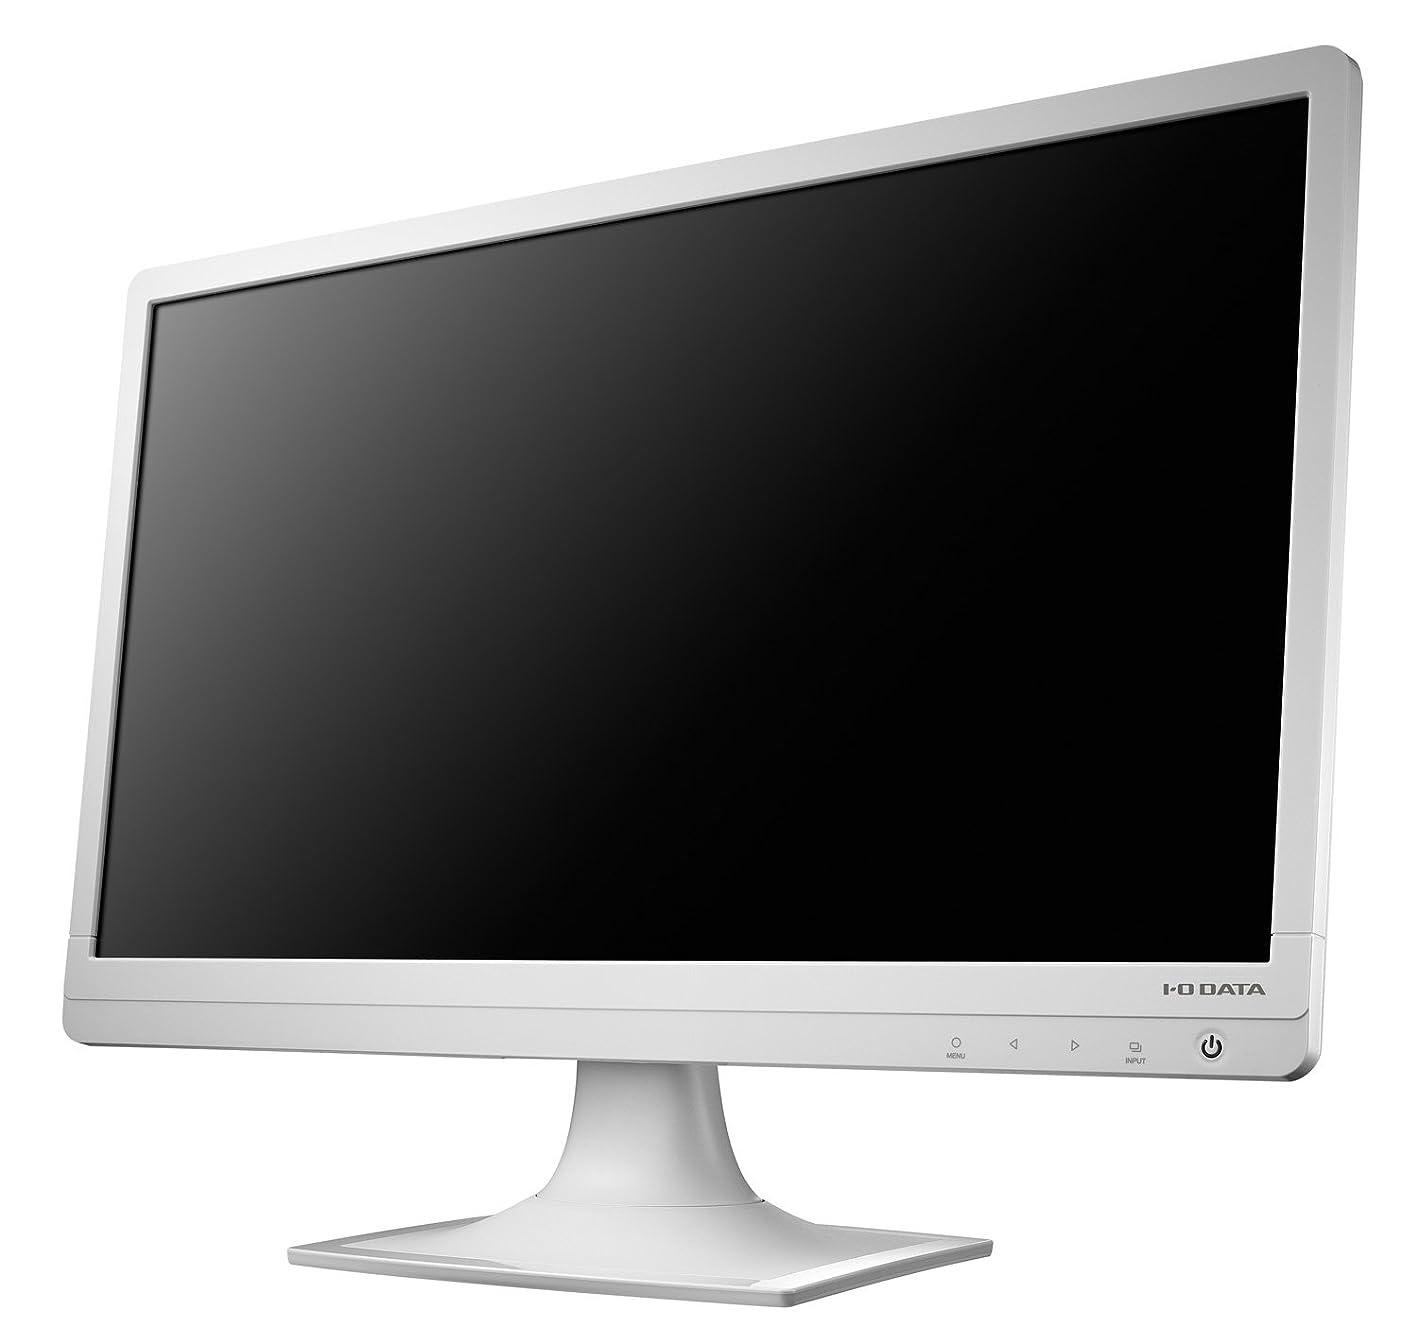 病立場もっともらしいI-O DATA ブルーライト低減機能付き 21.5型ワイド液晶ディスプレイ ホワイト LCD-AD222EW